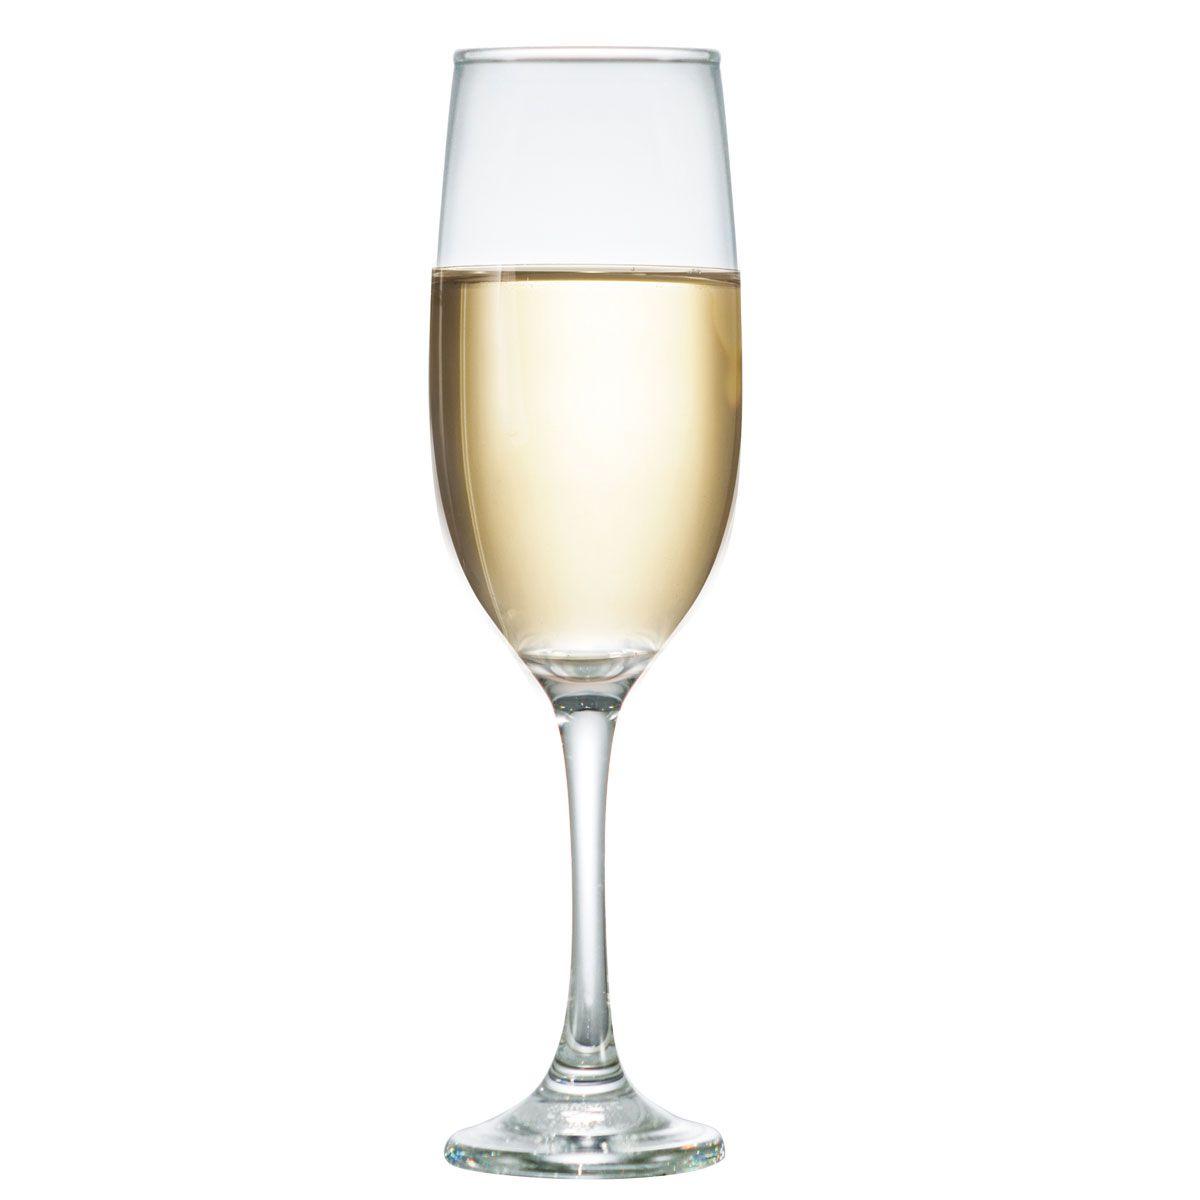 Taça One Champagne 200ml (Caixa com 24 unidades)